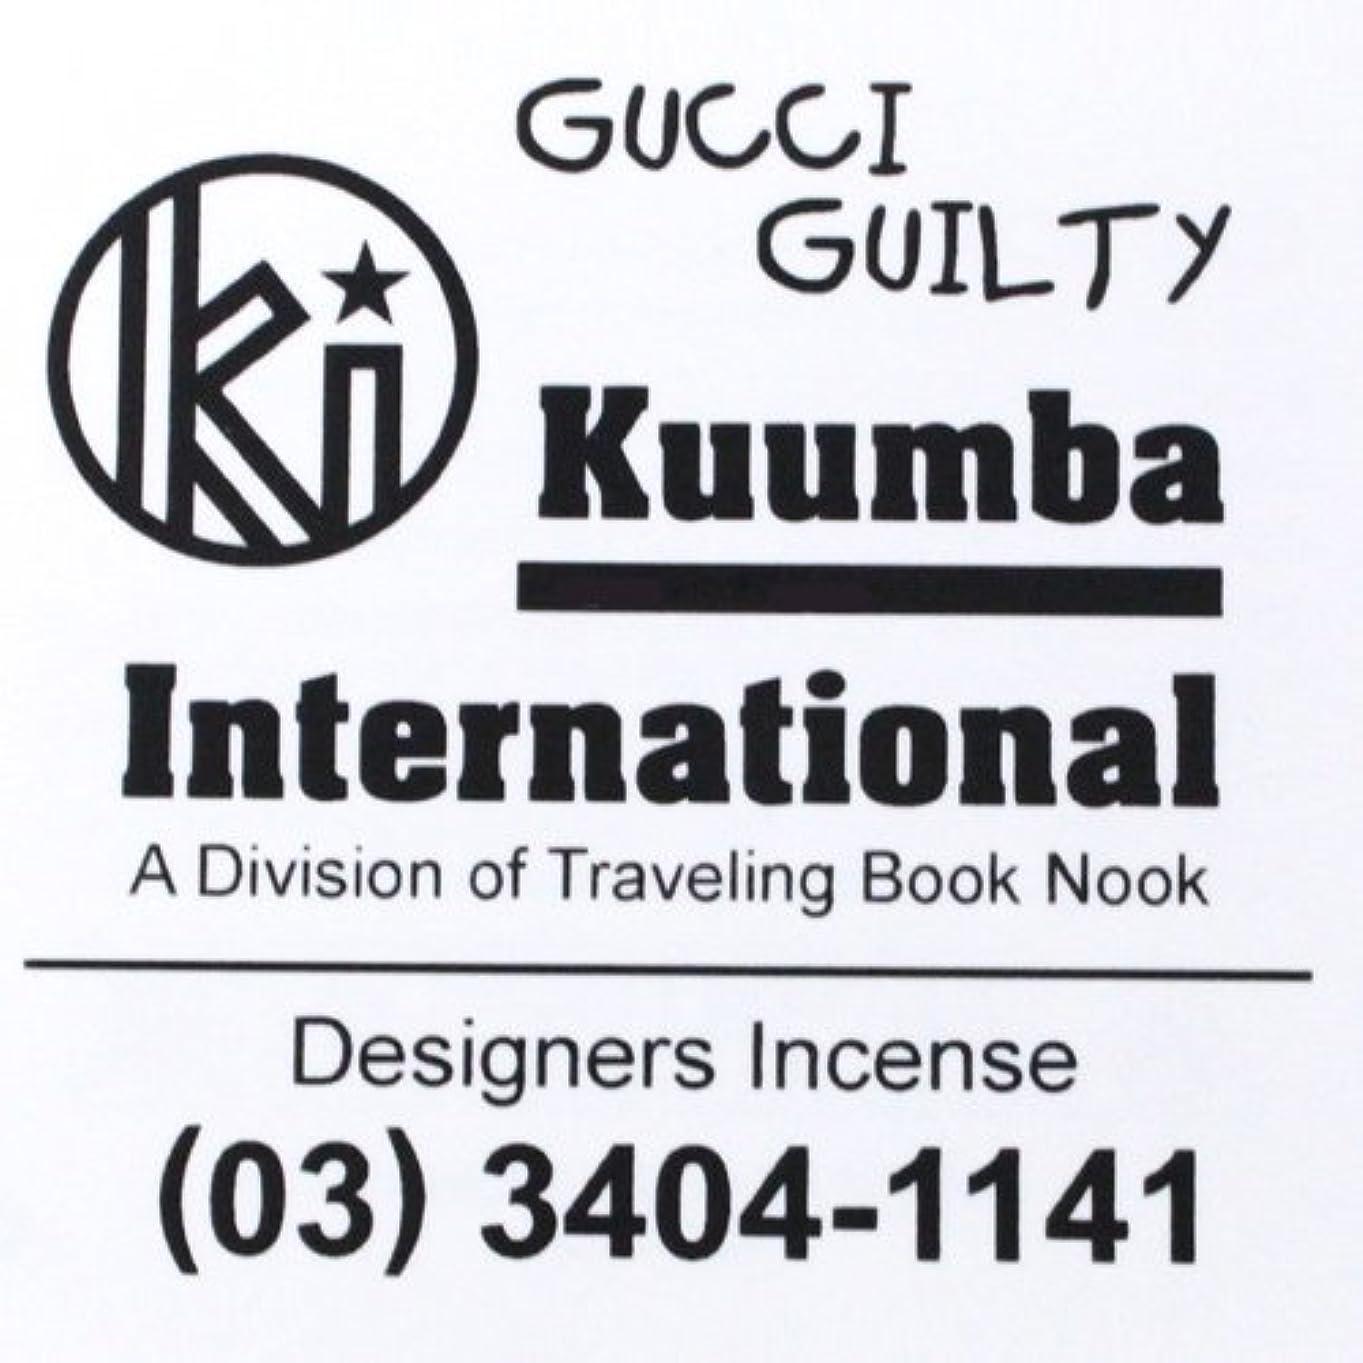 スポンジ承認する嘆願KUUMBA (クンバ)『incense』(GUCCI GUILTY) (Regular size)